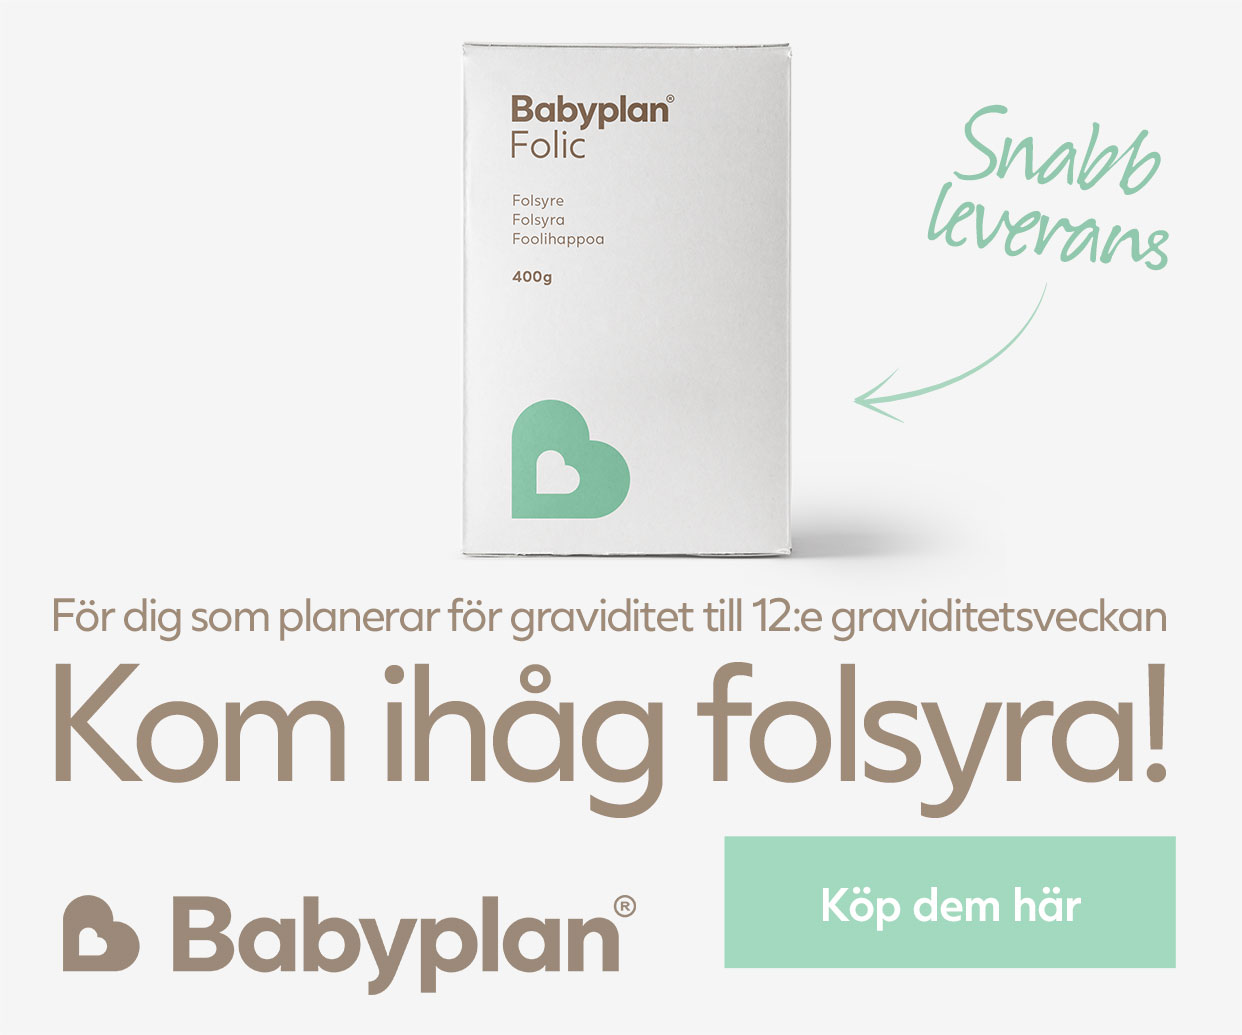 Köp Babyplan folsyra här